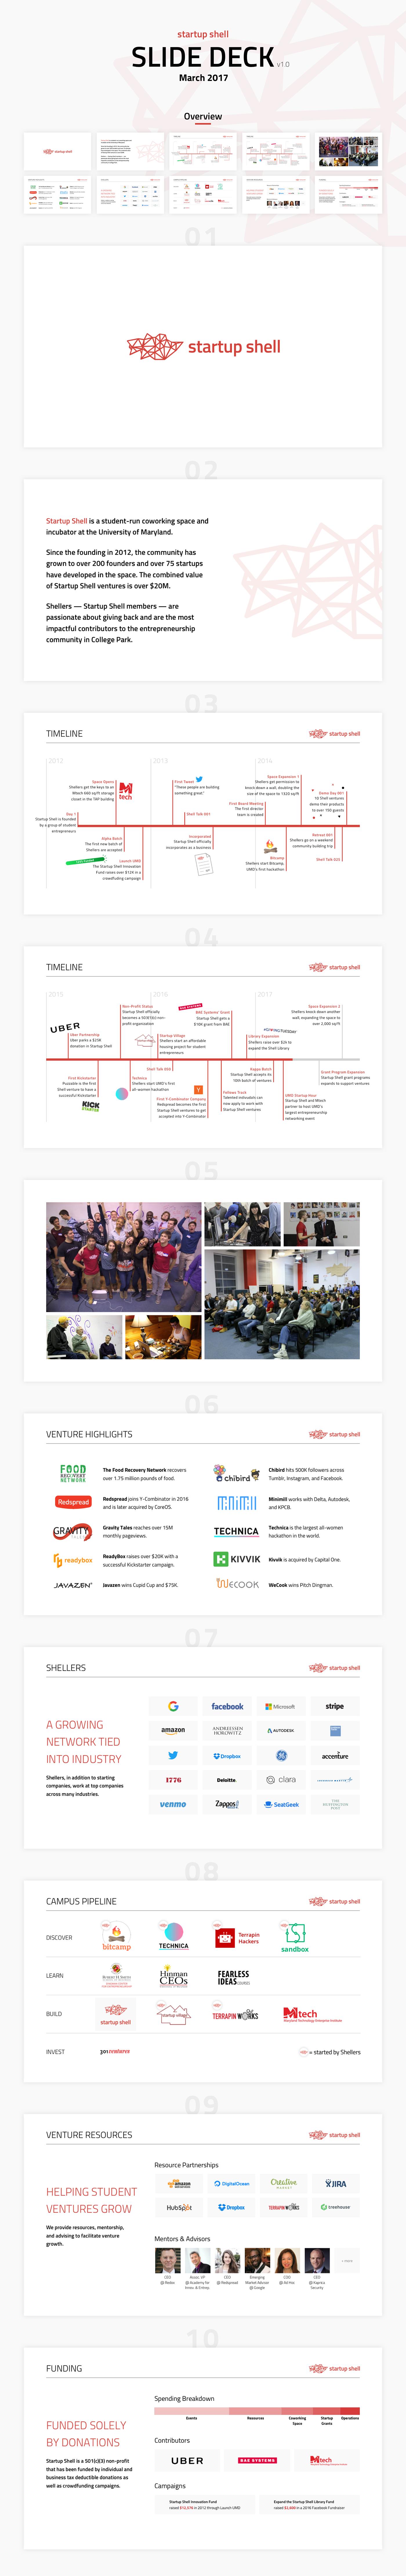 slide deck Incubator entrepreneurship   startups